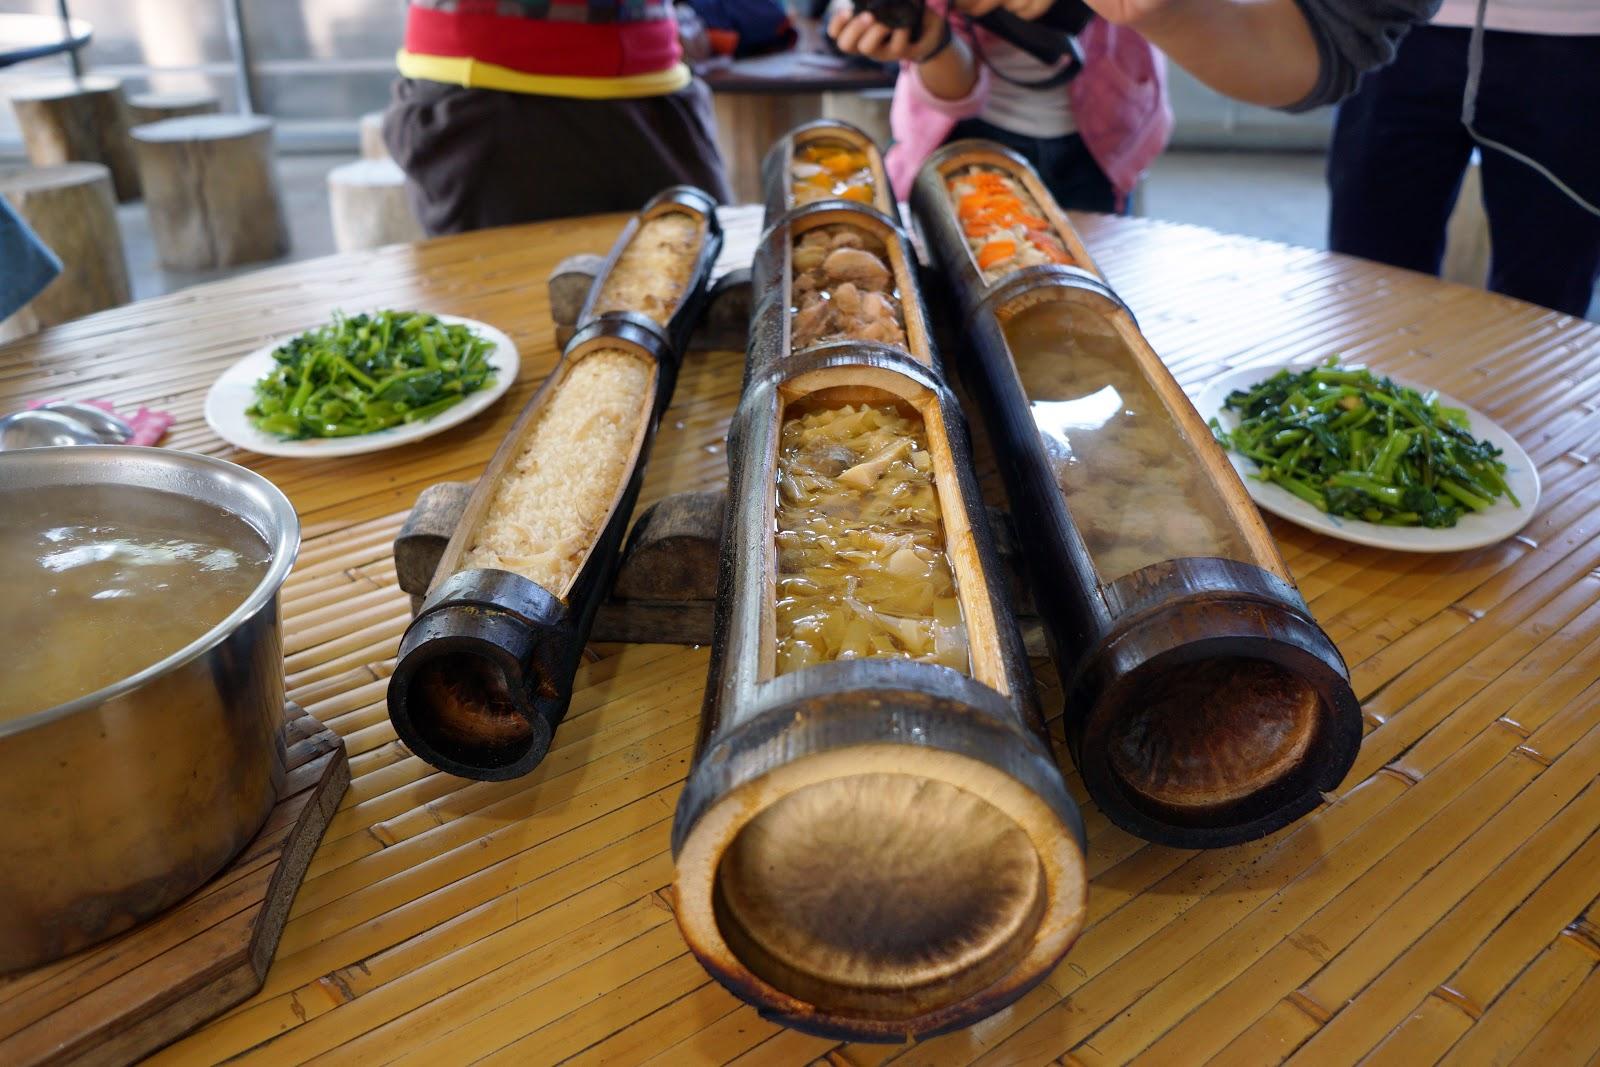 我是旅皇: 《慢遊南投做一日採茶女 茶竹食材做出特色太極宴》